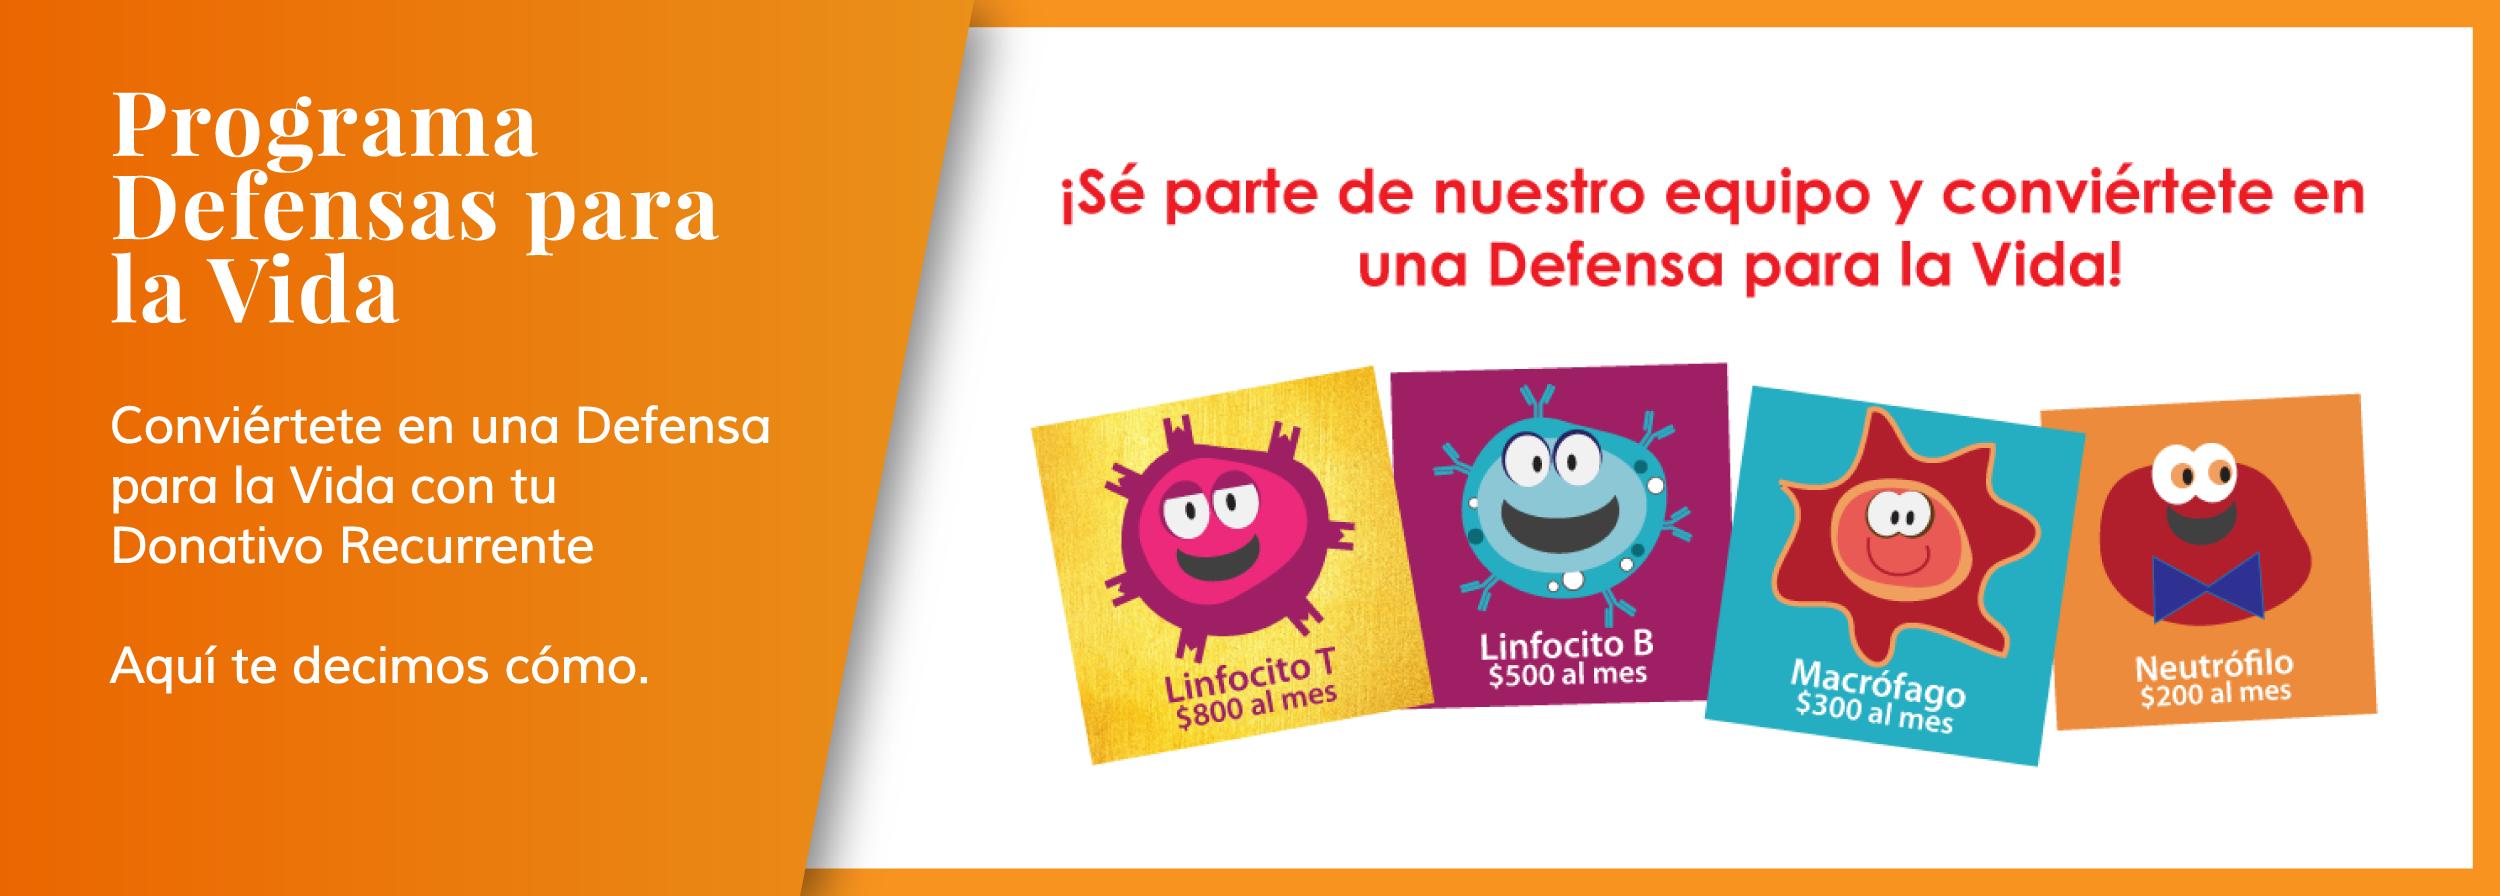 Programa Defensas para la Vida